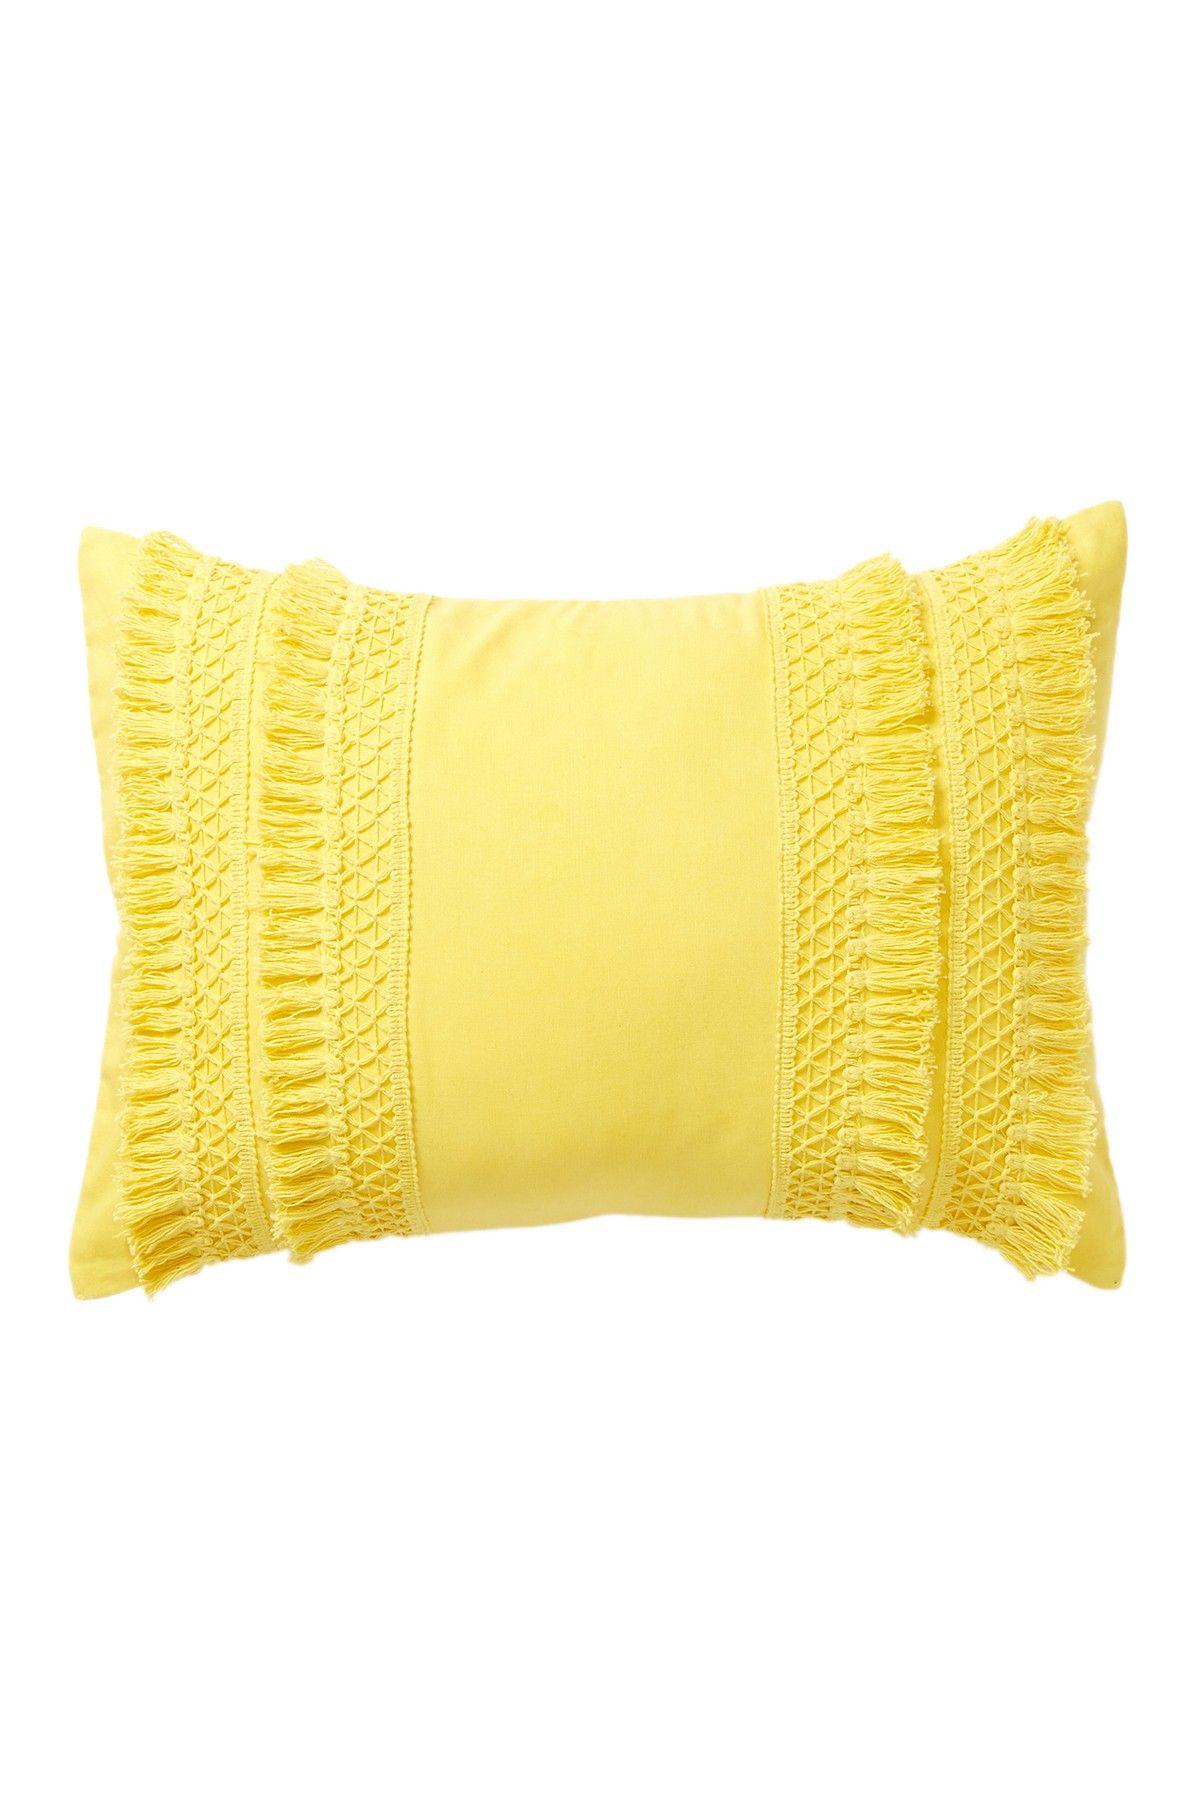 Leah Pillow - 14x20